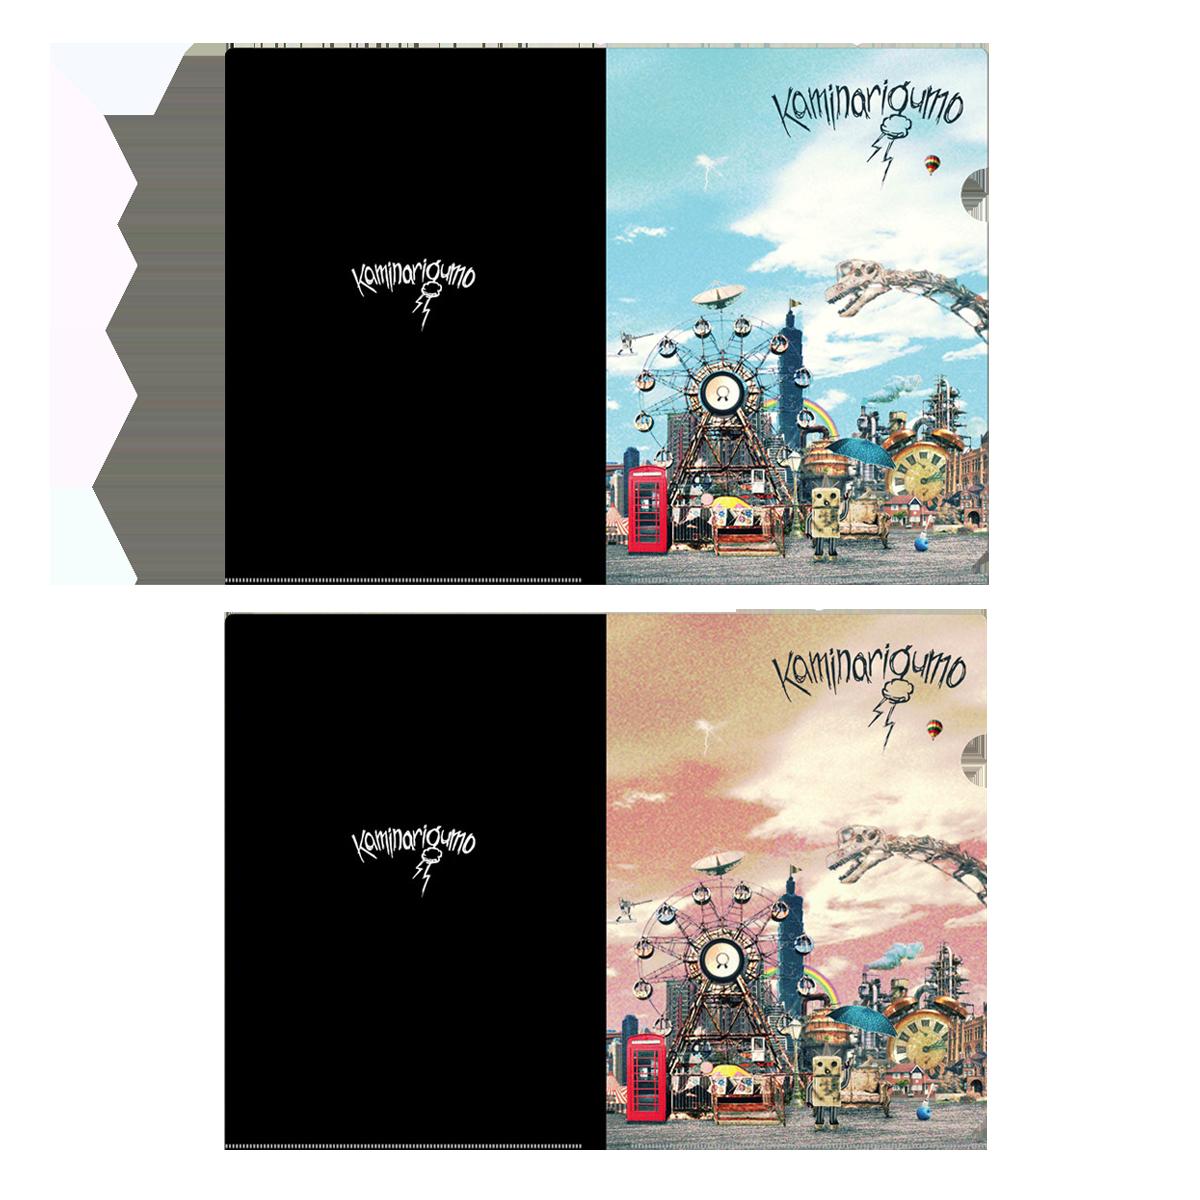 『カミナリグモ・オリジナルクリアファイル』<br>2枚セット